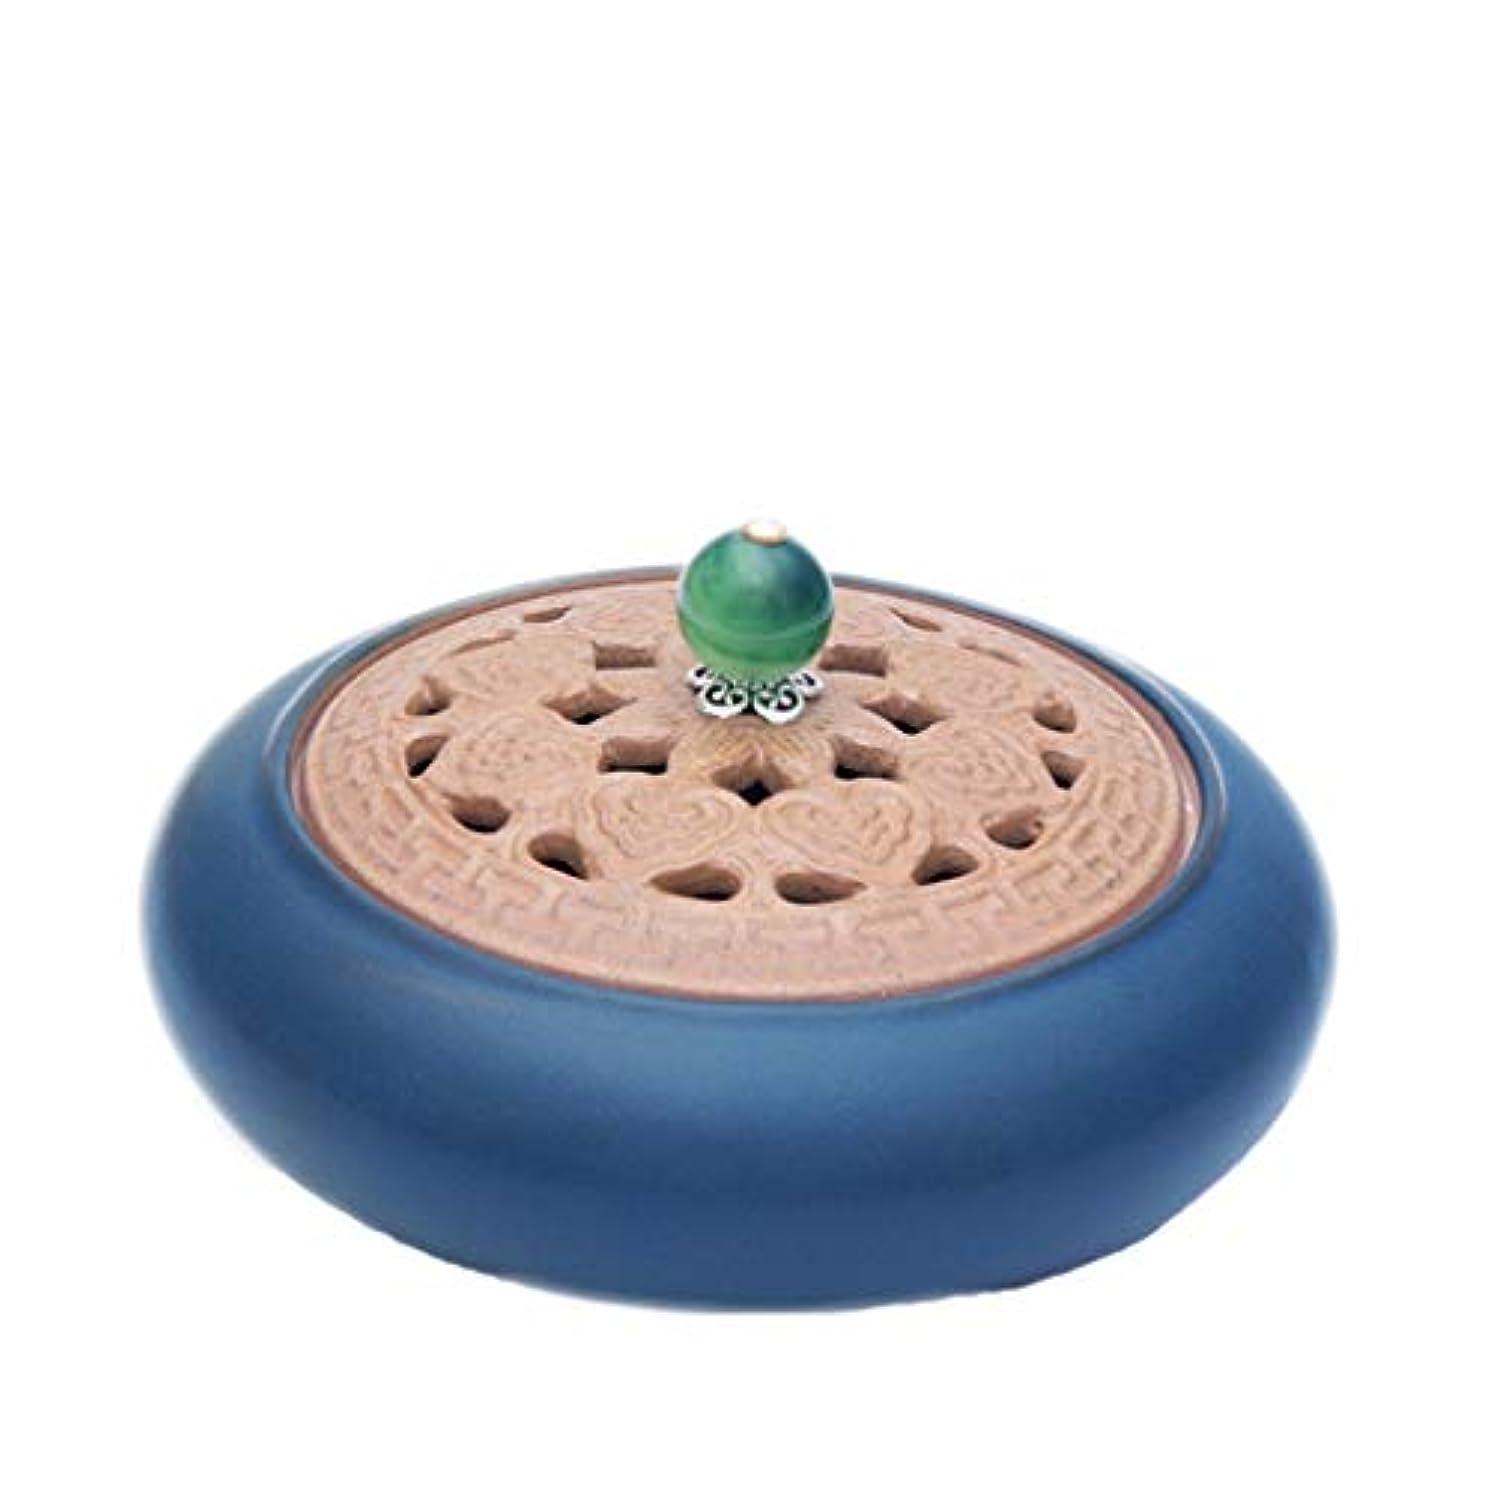 耕すセッティング温度ホームアロマバーナー アンティークセラミック小さな香バーナーホームインドアガーウッドハース香純粋な銅白檀炉アロマテラピー炉 アロマバーナー (Color : Green)